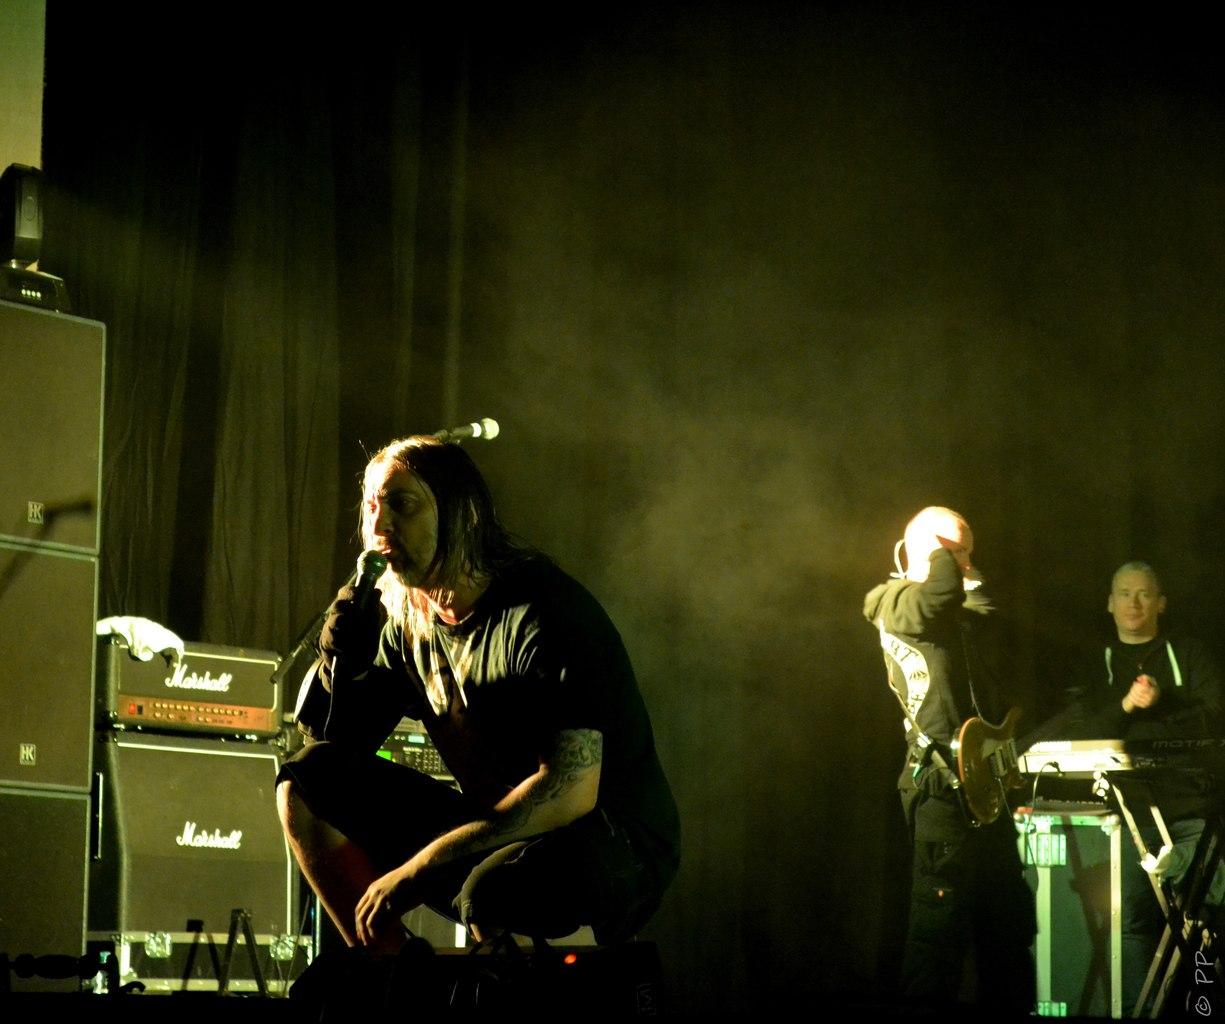 """14.12.2012 панк-группа """"Король и Шут"""" выступила с сольным концертом в Барнауле. Представляем несколько фото с концерта (фото-Полины Прошиной)"""